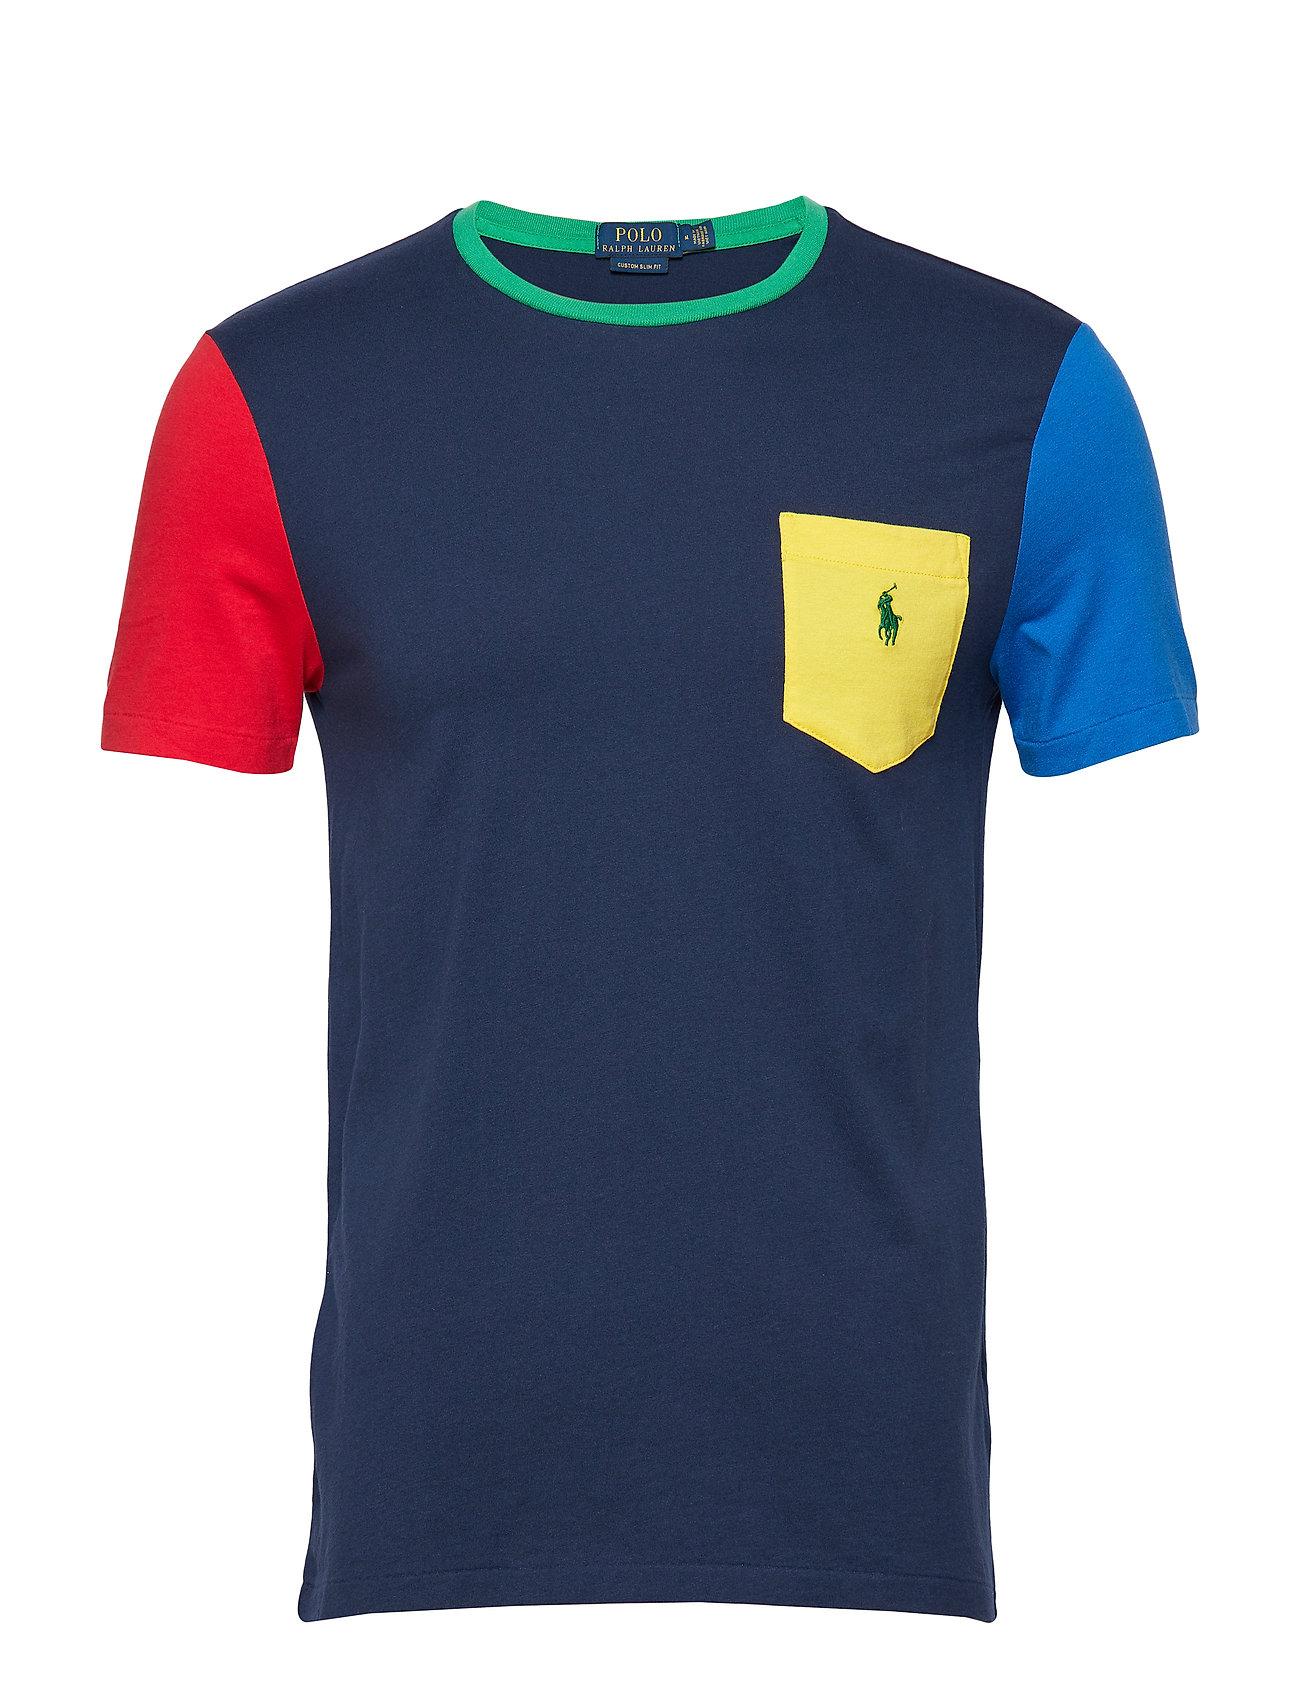 Sscncmslm12 Sscncmslm12 Shirt Sscncmslm12 T Shirt Short T Sleeve Short Sleeve qUMpSVz